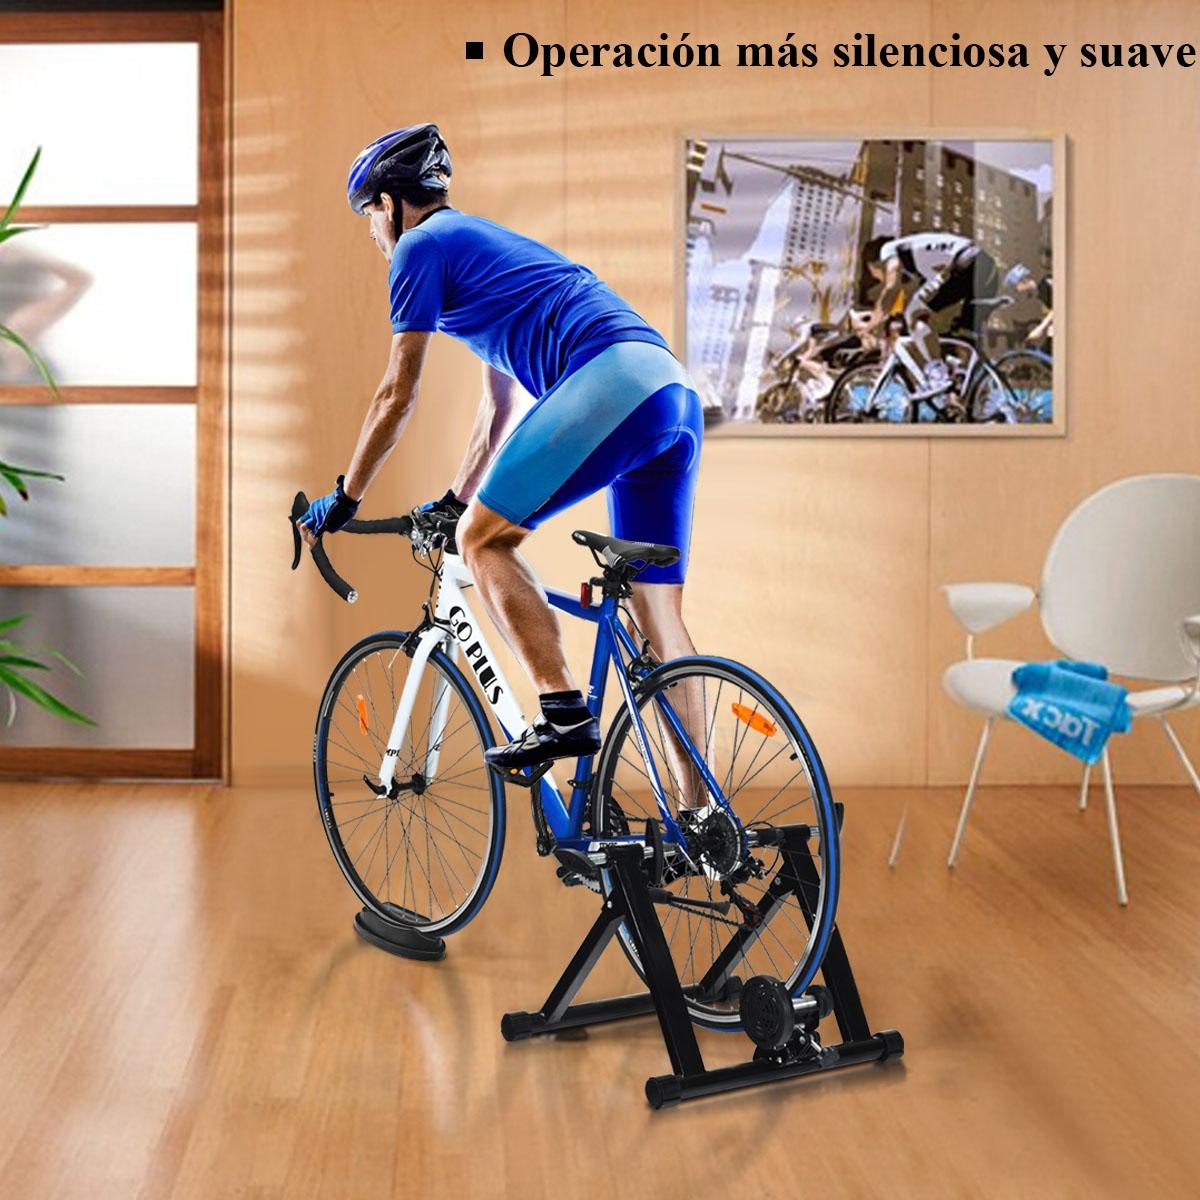 Soporte para Bicicleta de Montaña y Bicicleta de Carretera 66-71 cm con Doble Cierre y Liberación Rápida Negro 54 x 50 x 39,5 cm